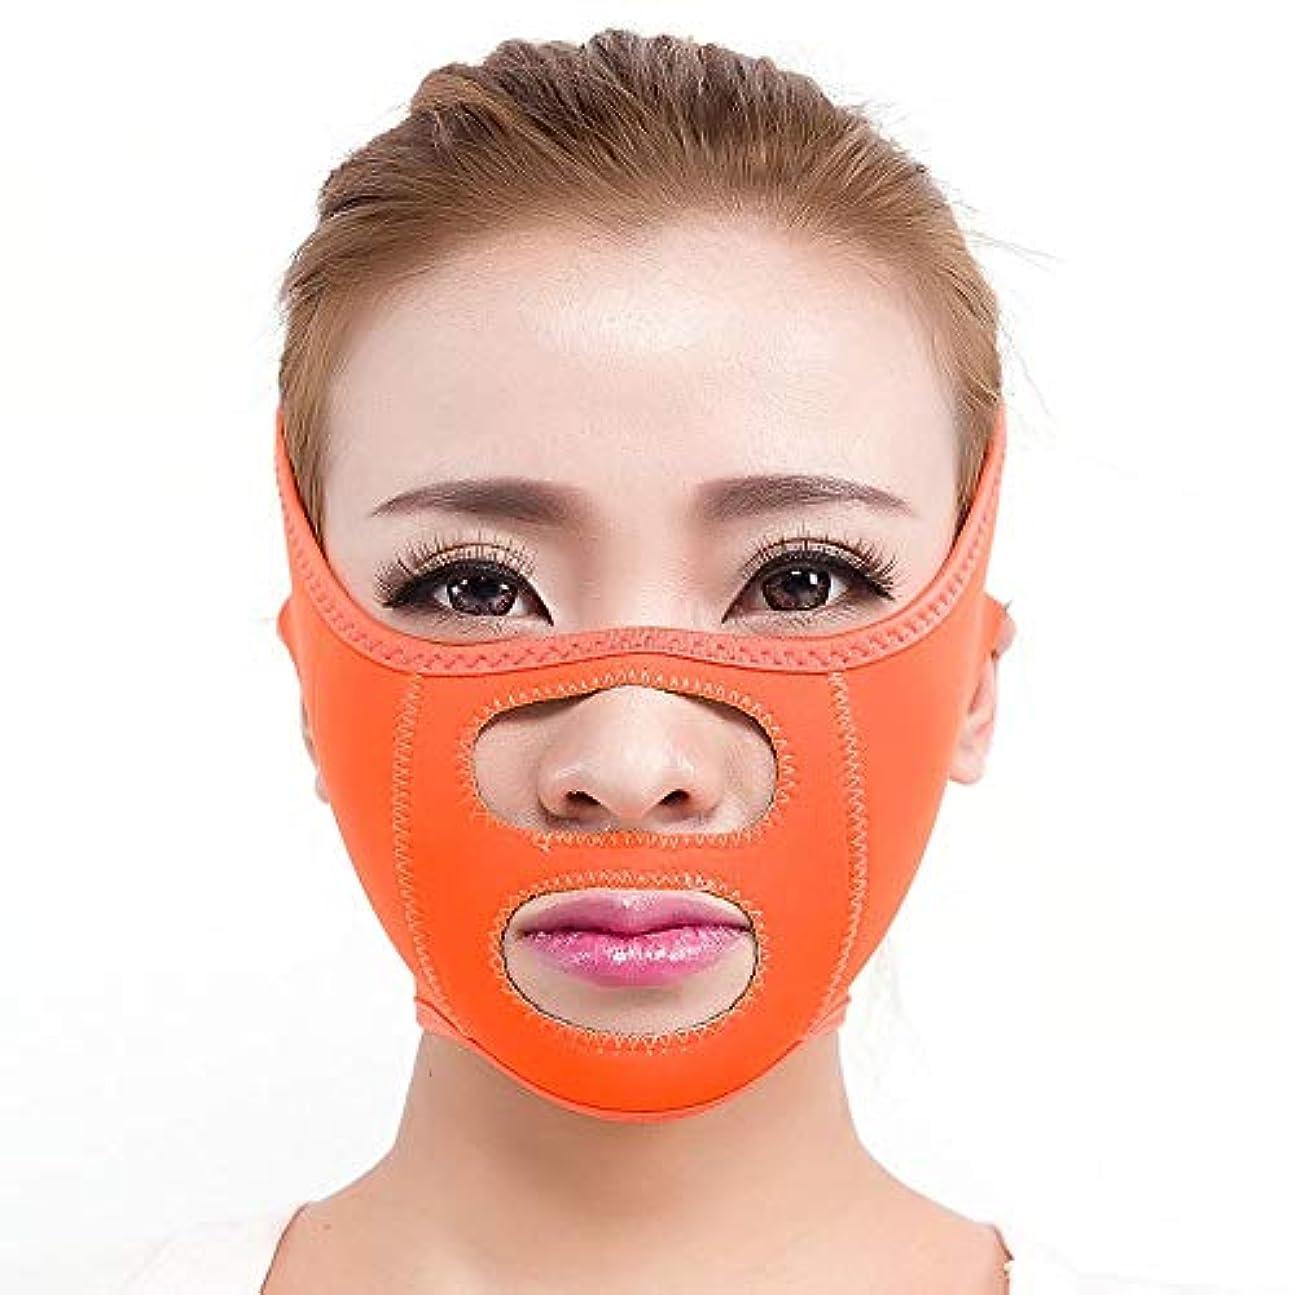 ミルク散歩ではごきげんようGYZ シンフェイスマスクシンフェイス包帯シンフェイスアーティファクトシンフェイスフェイシャルリフティングシンフェイススモールVフェイススリープシンフェイスベルト Thin Face Belt (Color : A)